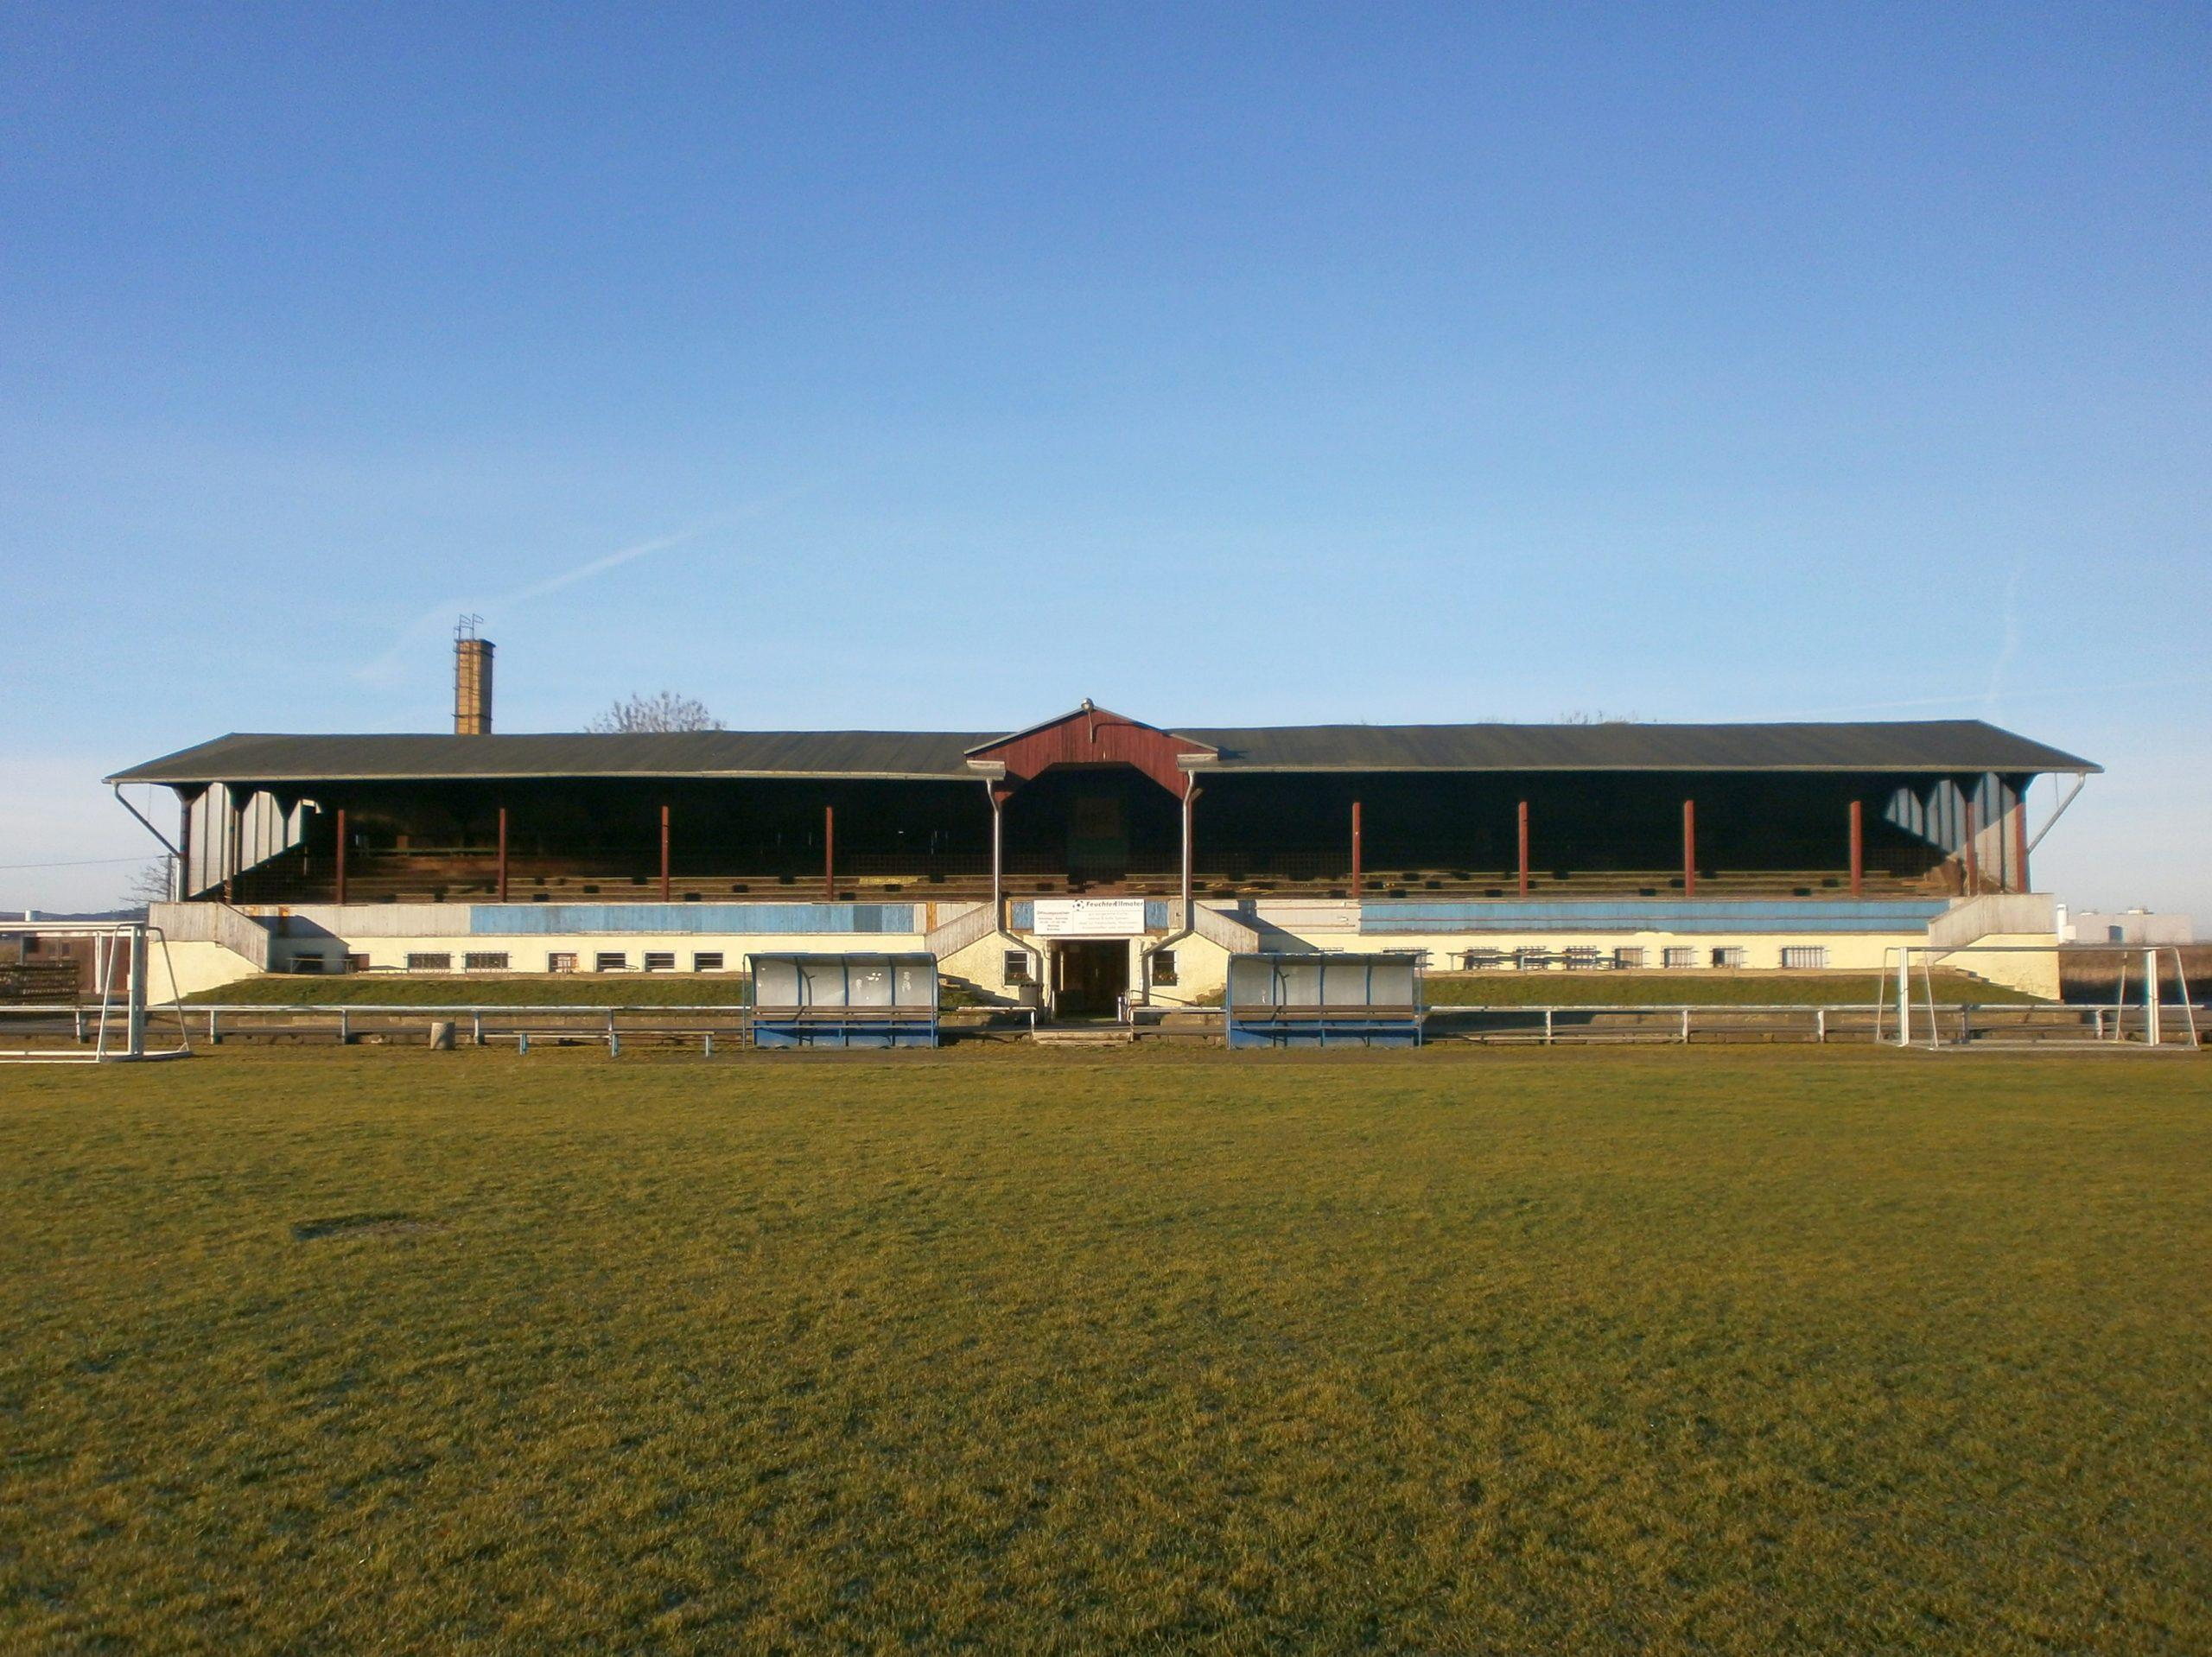 Der Sportplatz Rudisleben, die Manfred-von-Brauchitsch-Kampfbahn